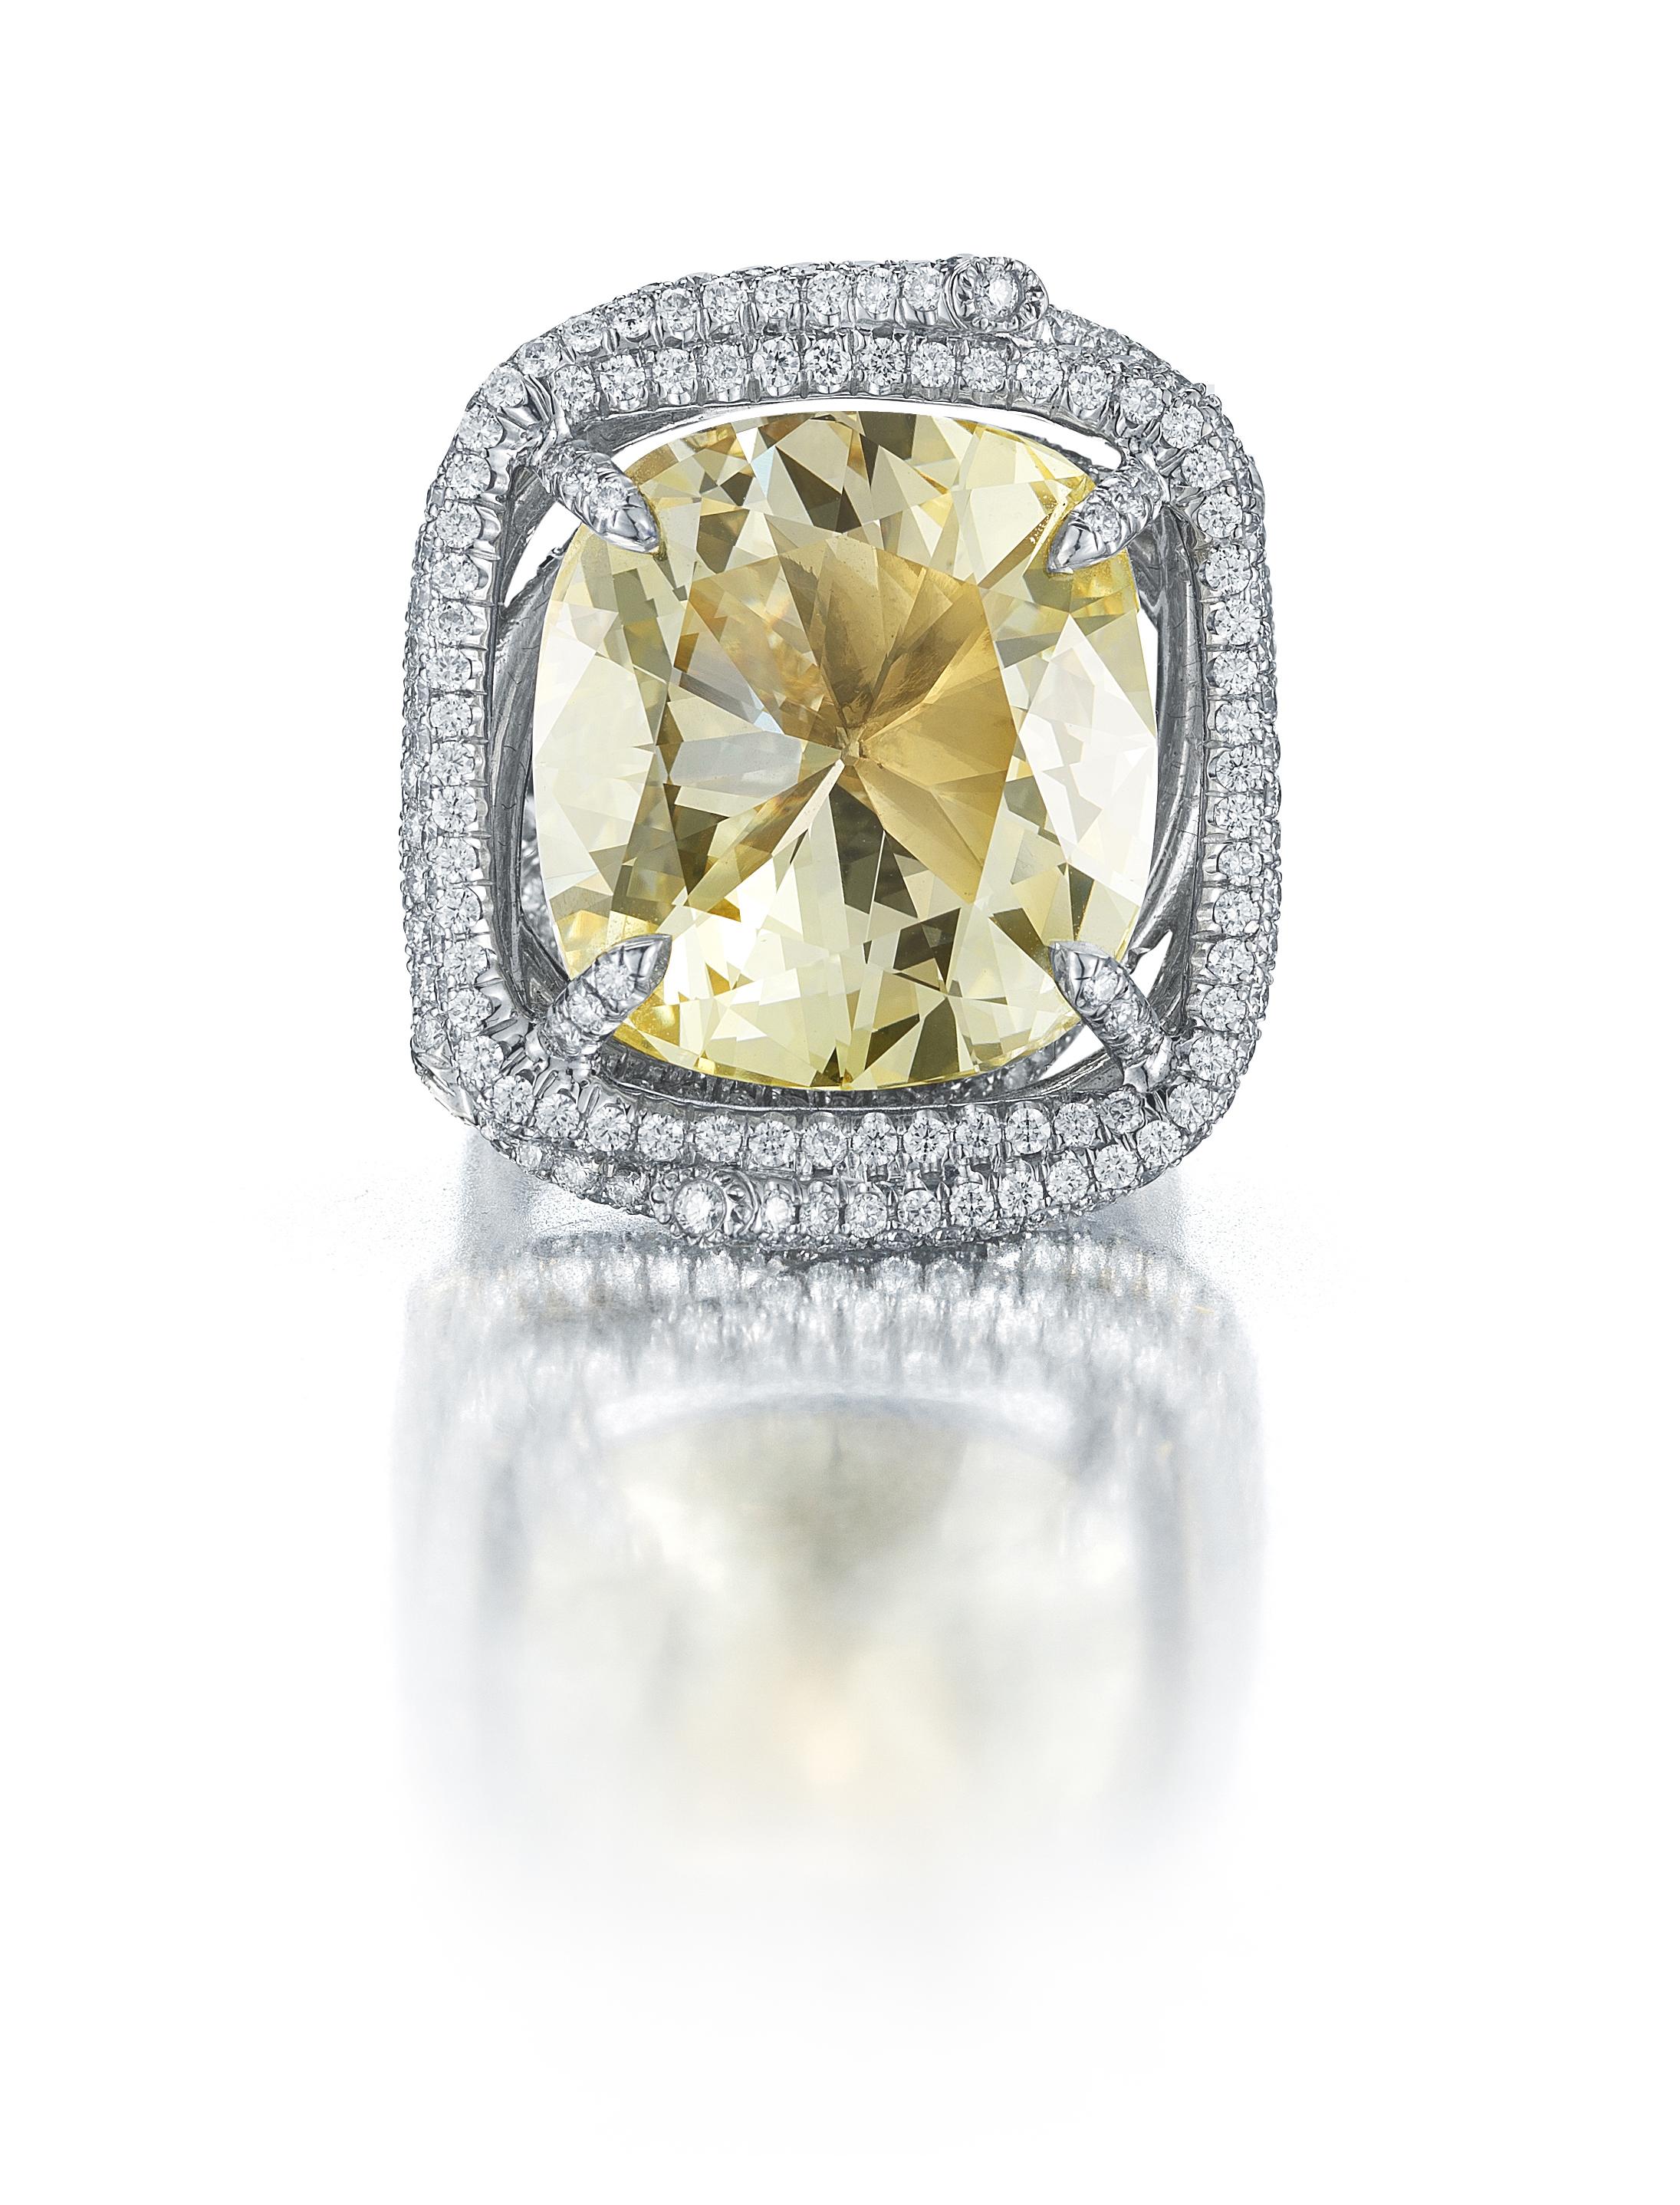 2ct Yellow Diamond engagement ring